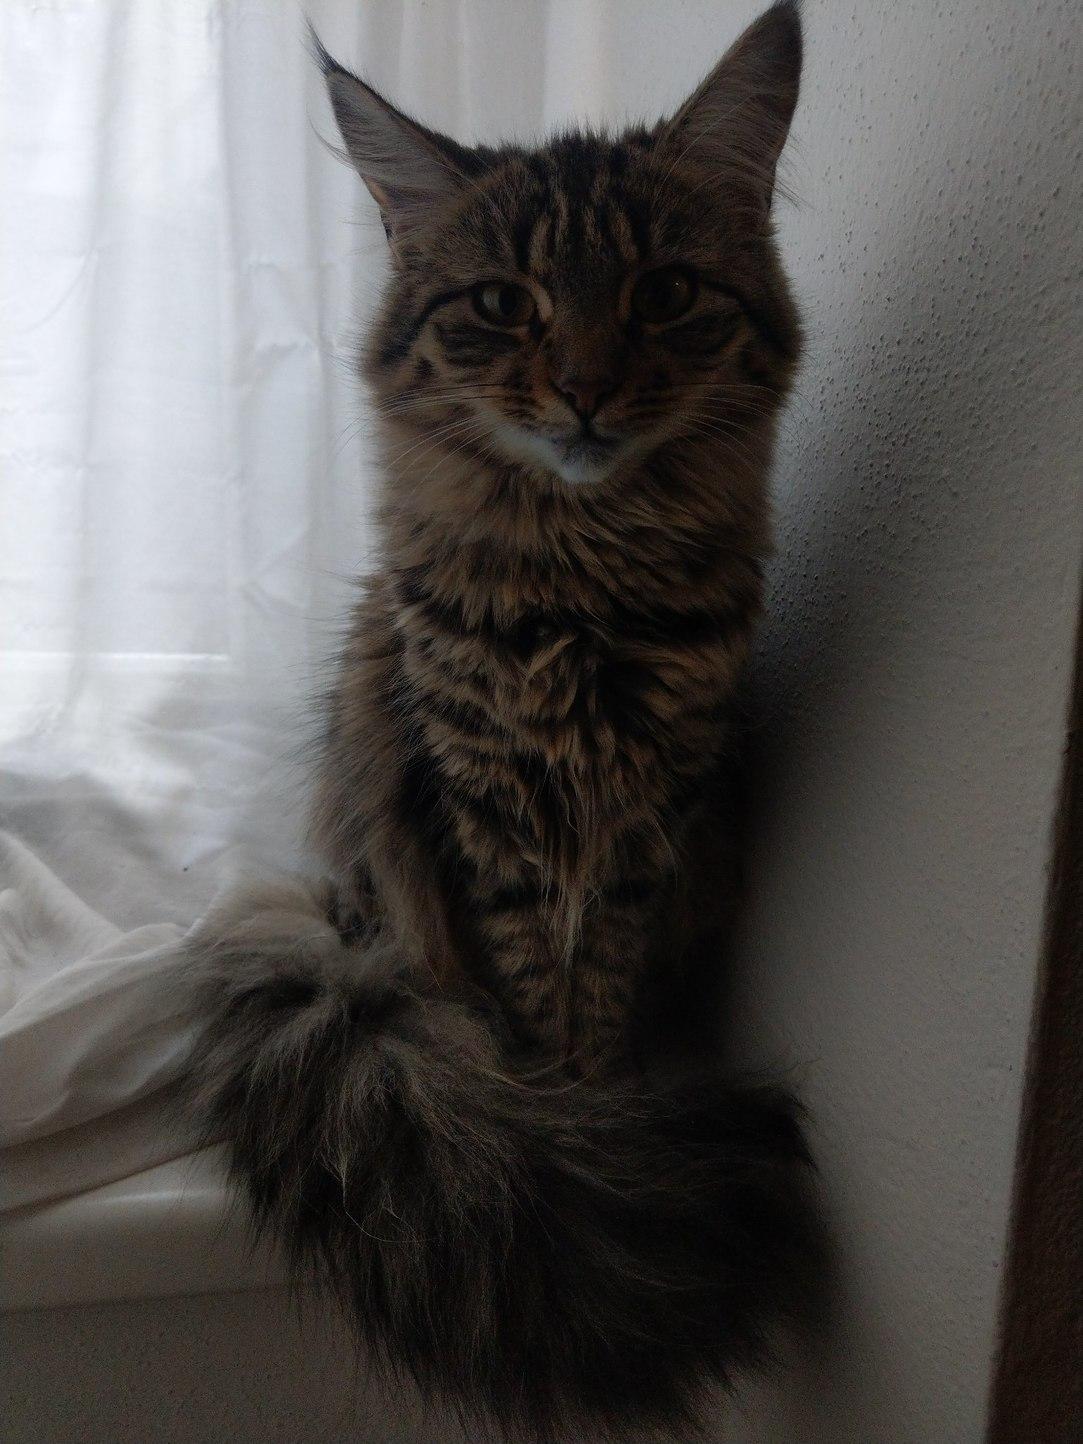 Das ist meine Katze ihr Pisser - meme